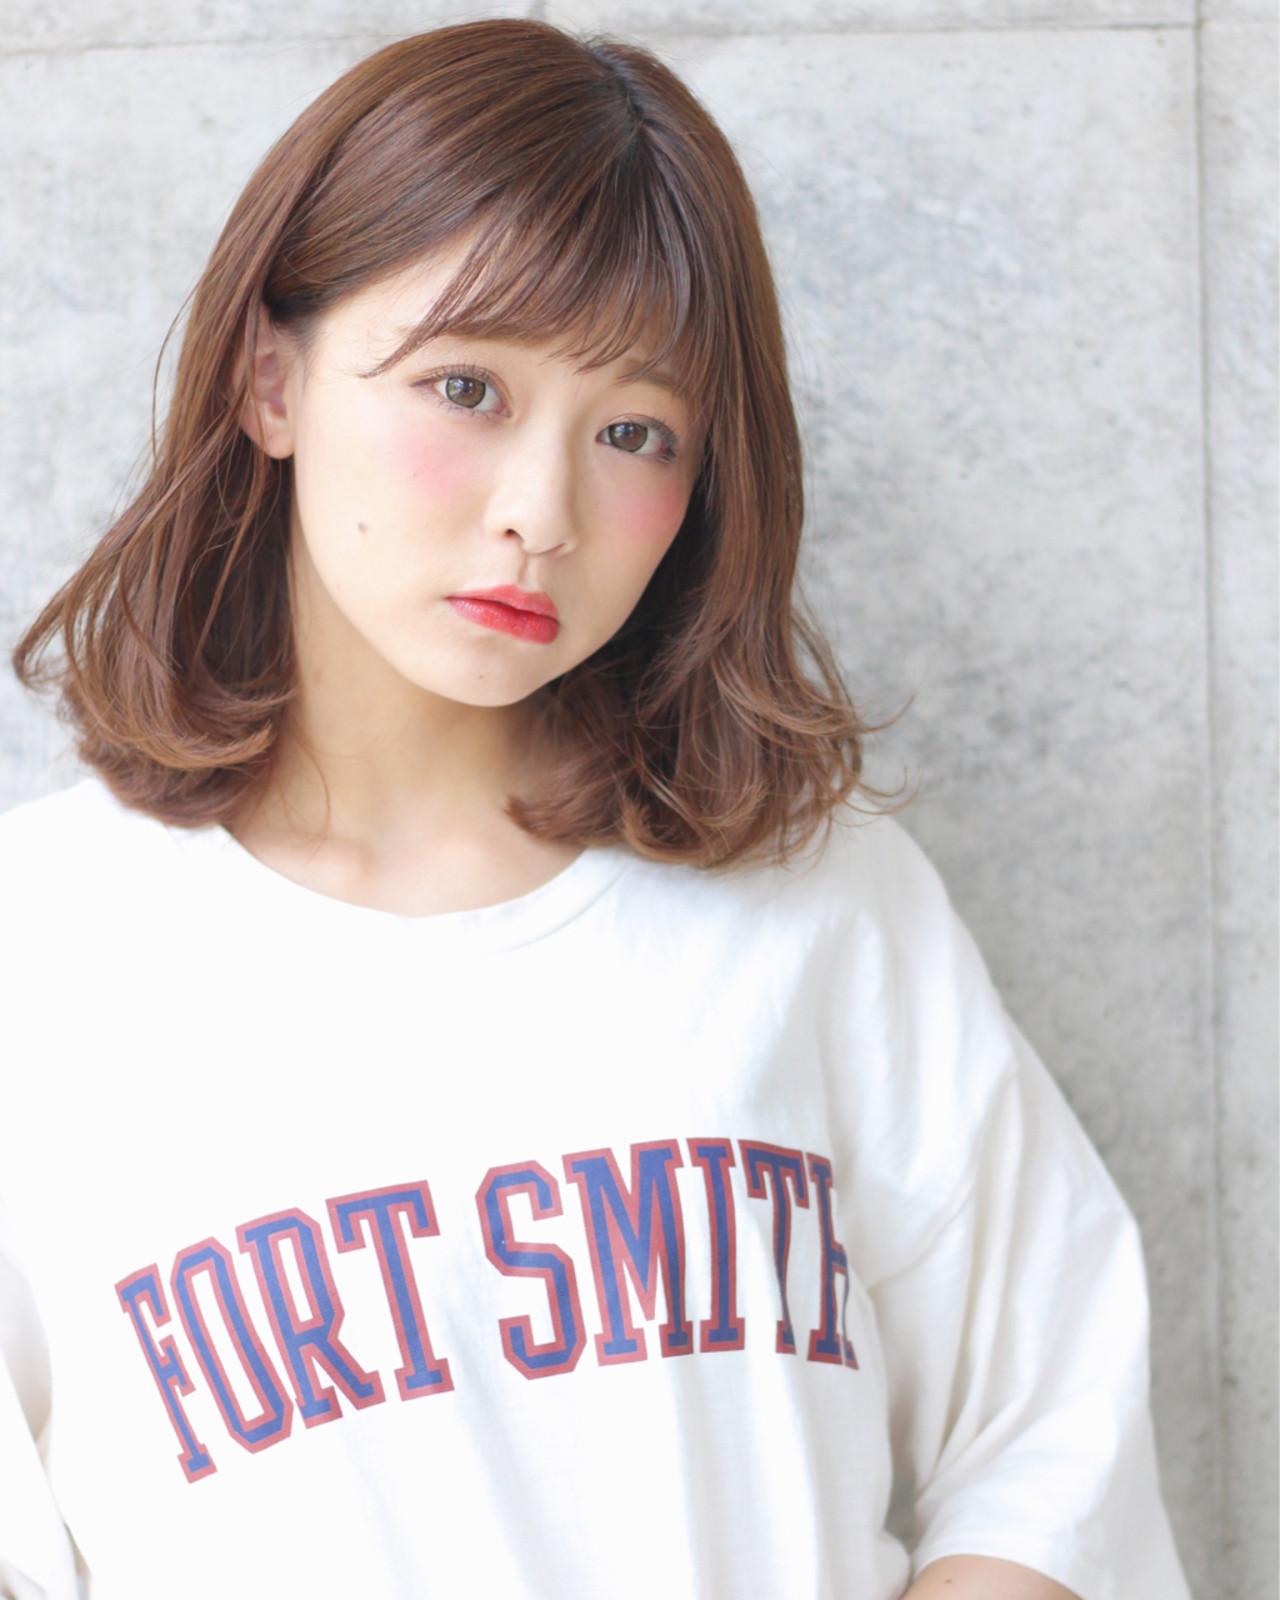 ウェーブ リラックス 女子会 ミディアム ヘアスタイルや髪型の写真・画像 | Wataru Maeda / cache cache